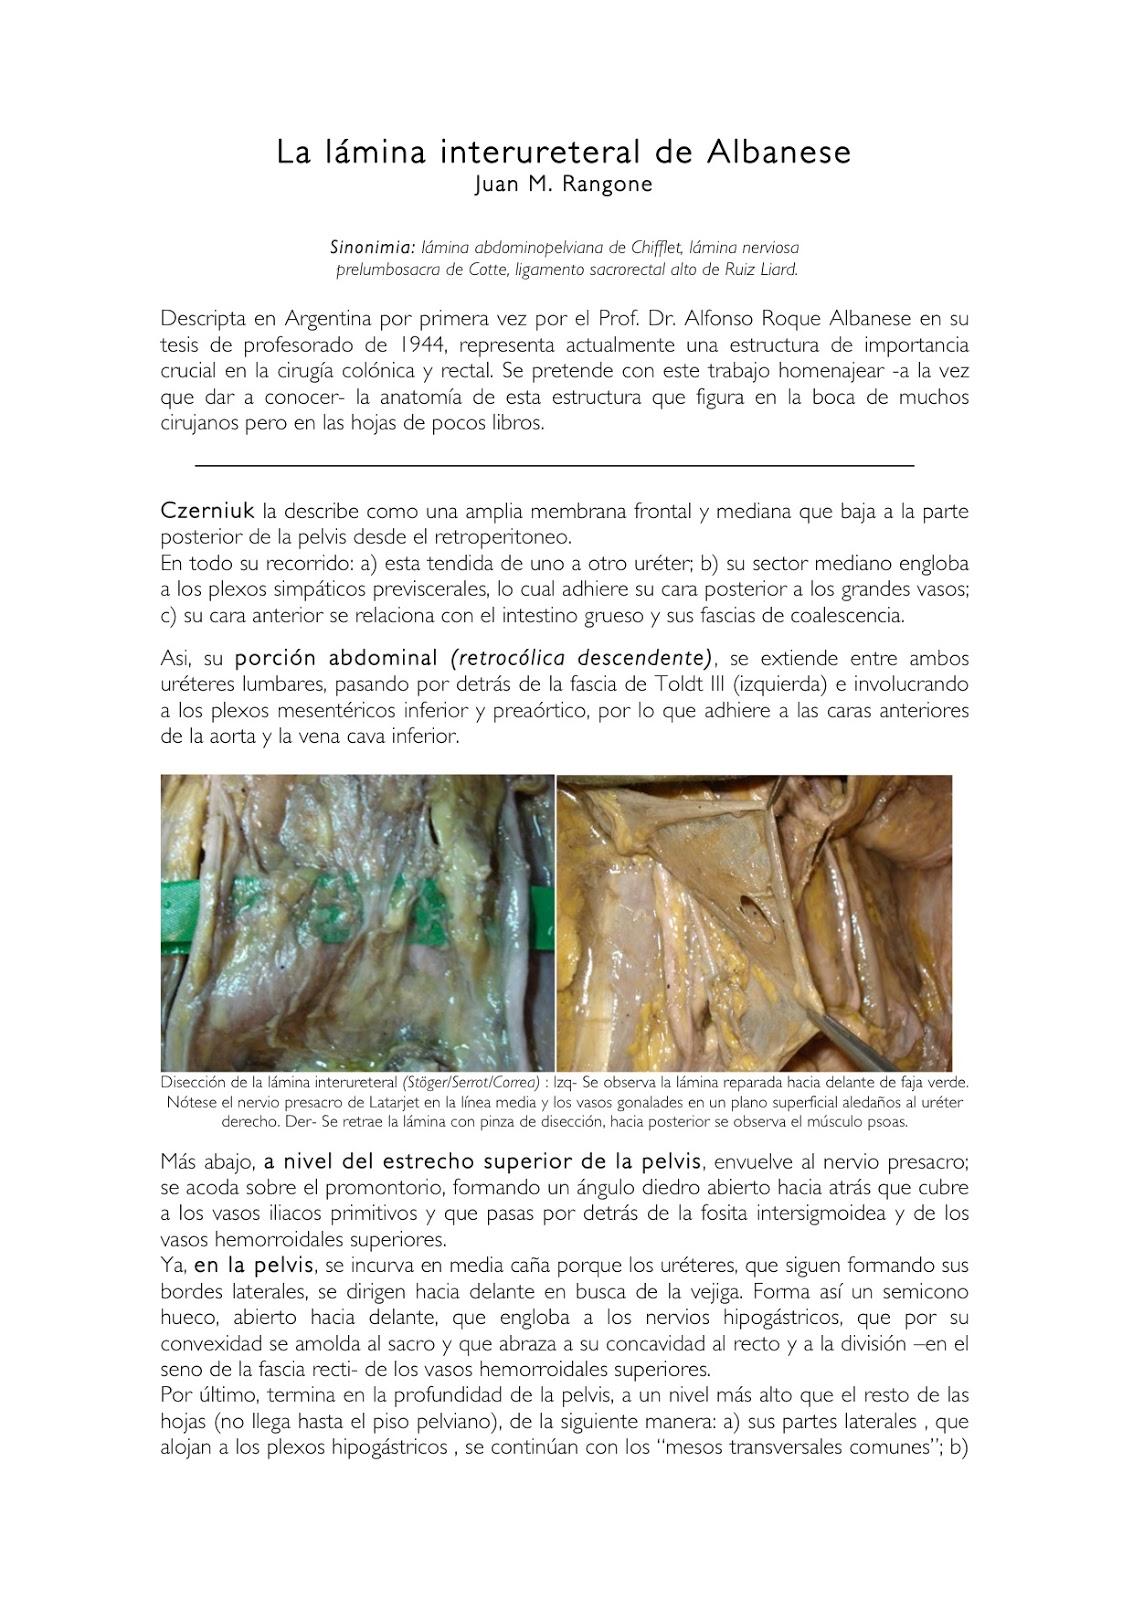 Cuadernos de Anatomía Quirúrgica: La Lámina inter-ureteral de Albanese.